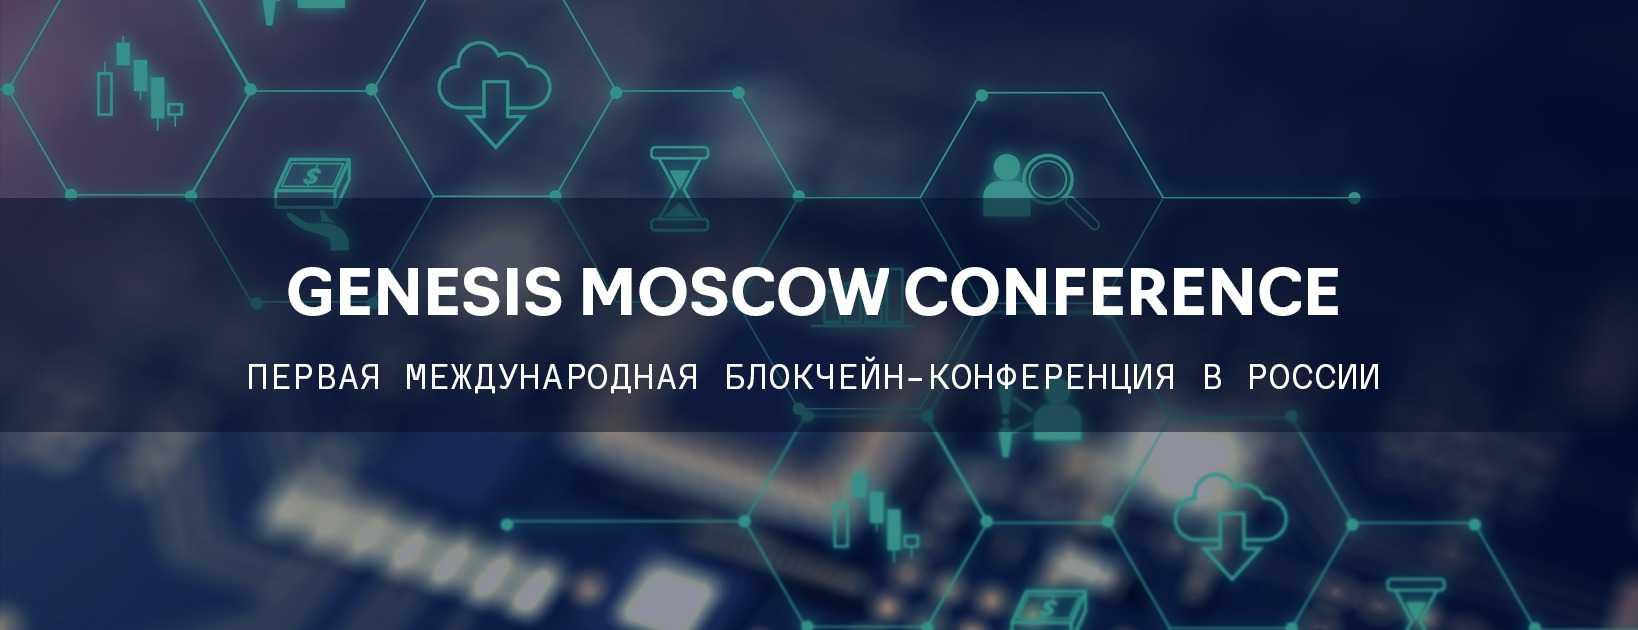 На конференцию Genesis Moscow приехало более 400 человек